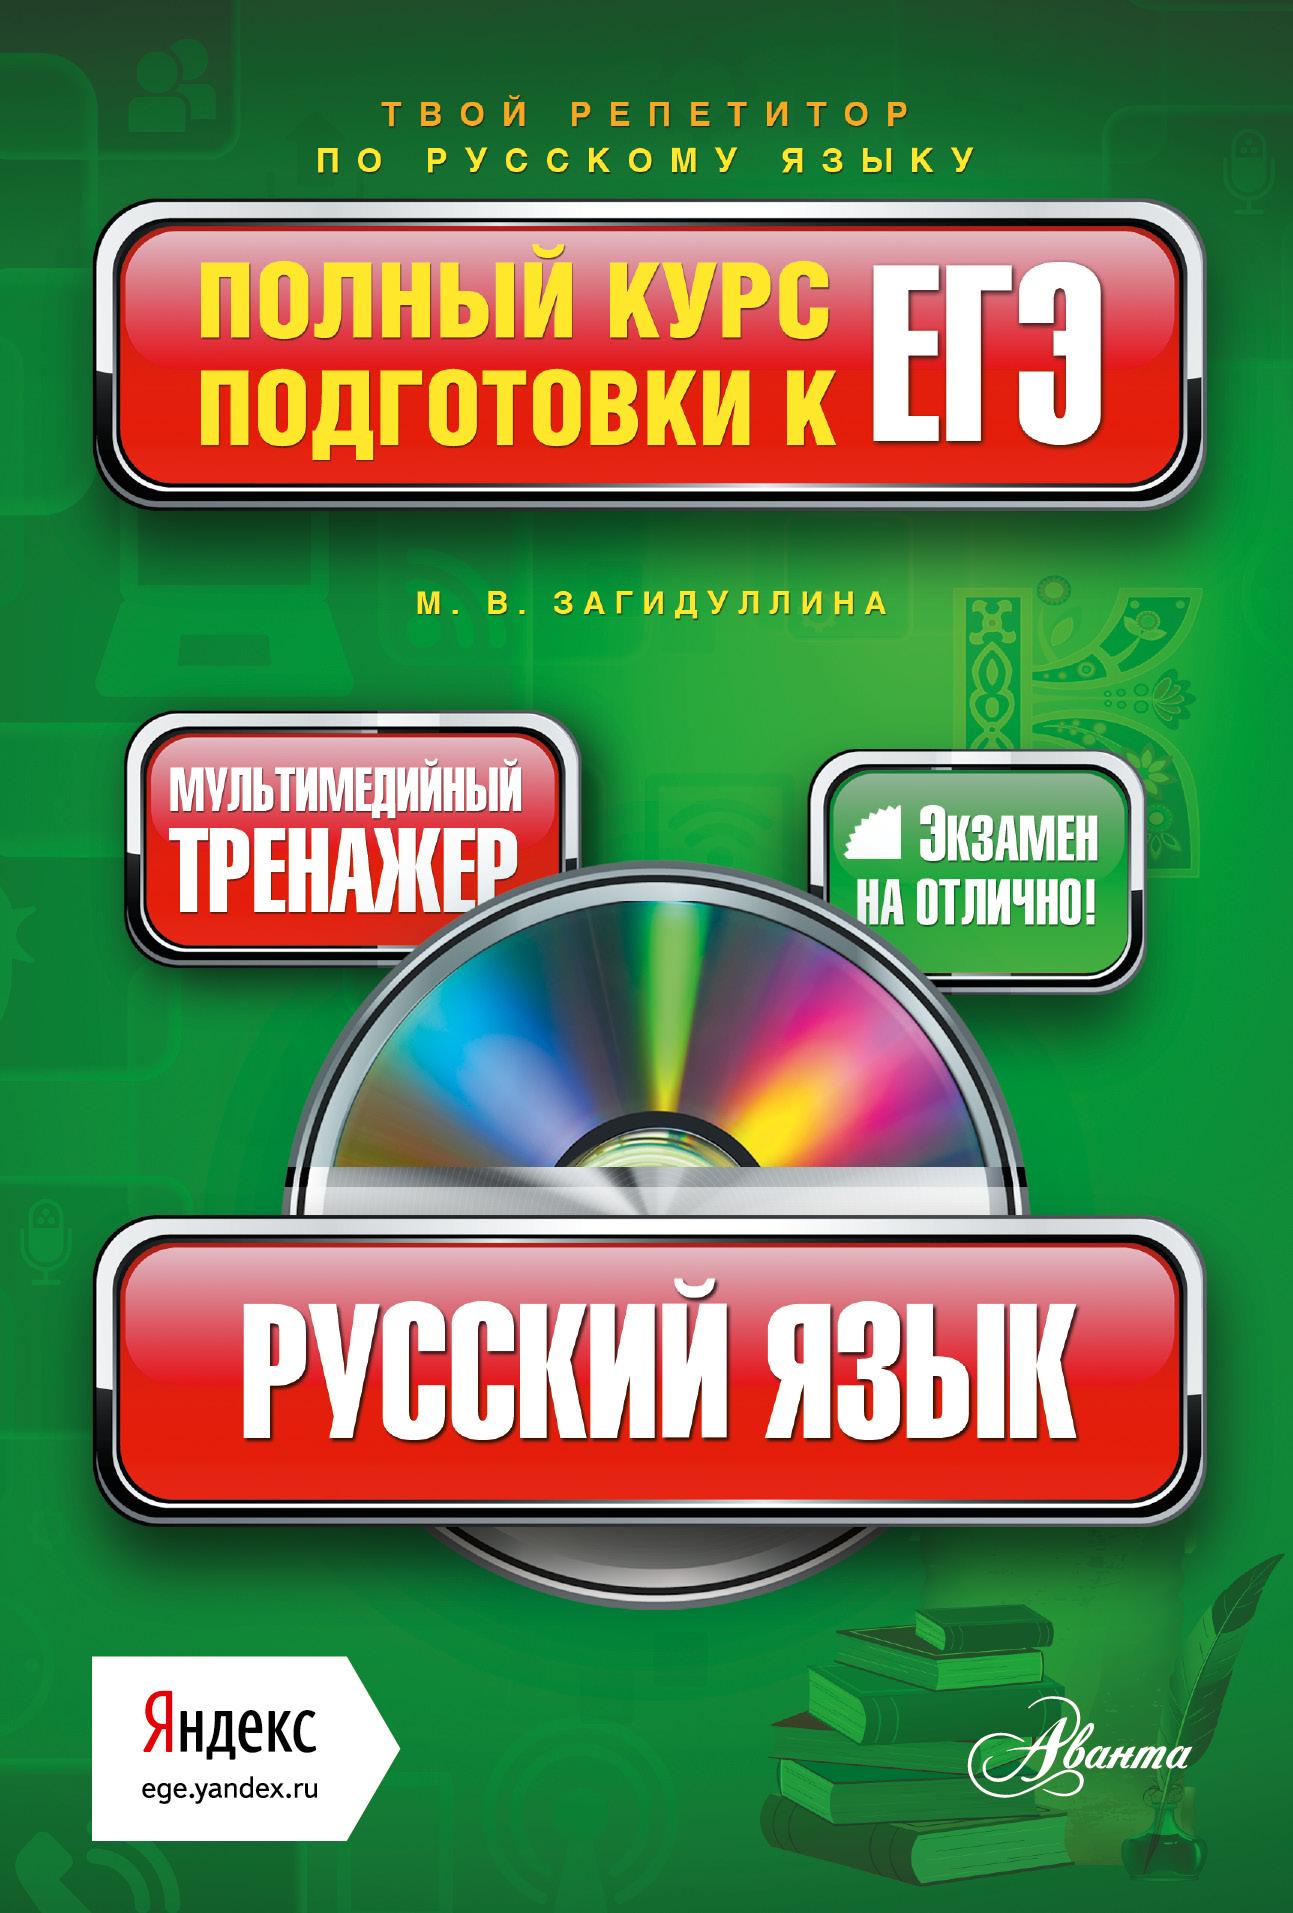 Русский язык. Полный курс подготовки к ЕГЭ (+CD)